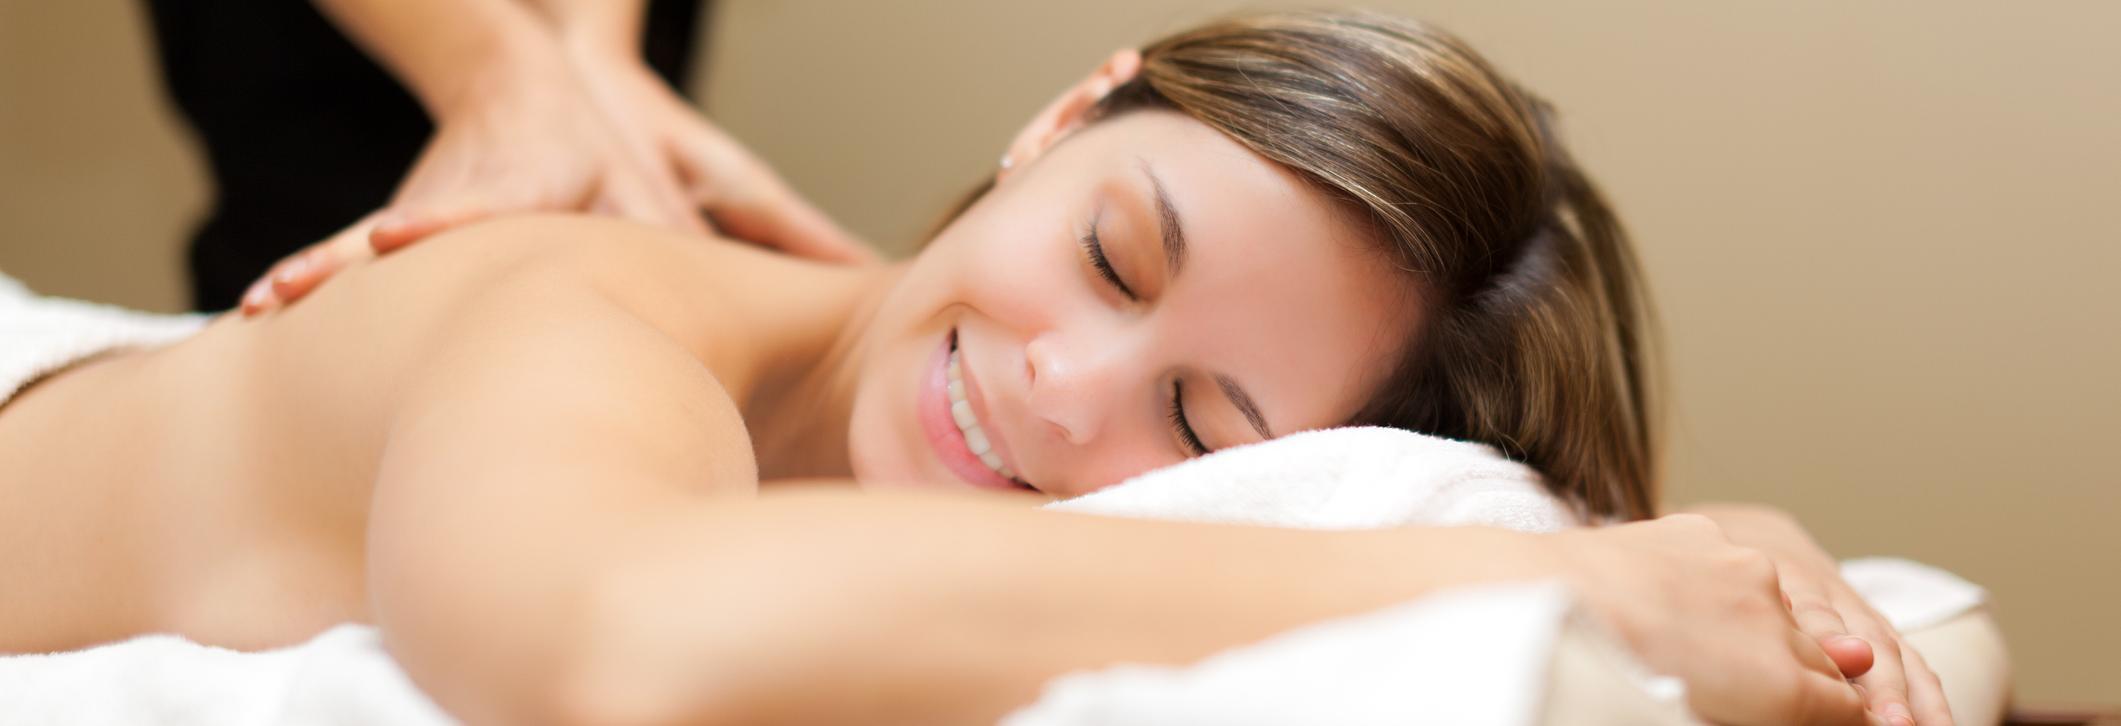 koppla massage llc swedish massage therapy mason ohio